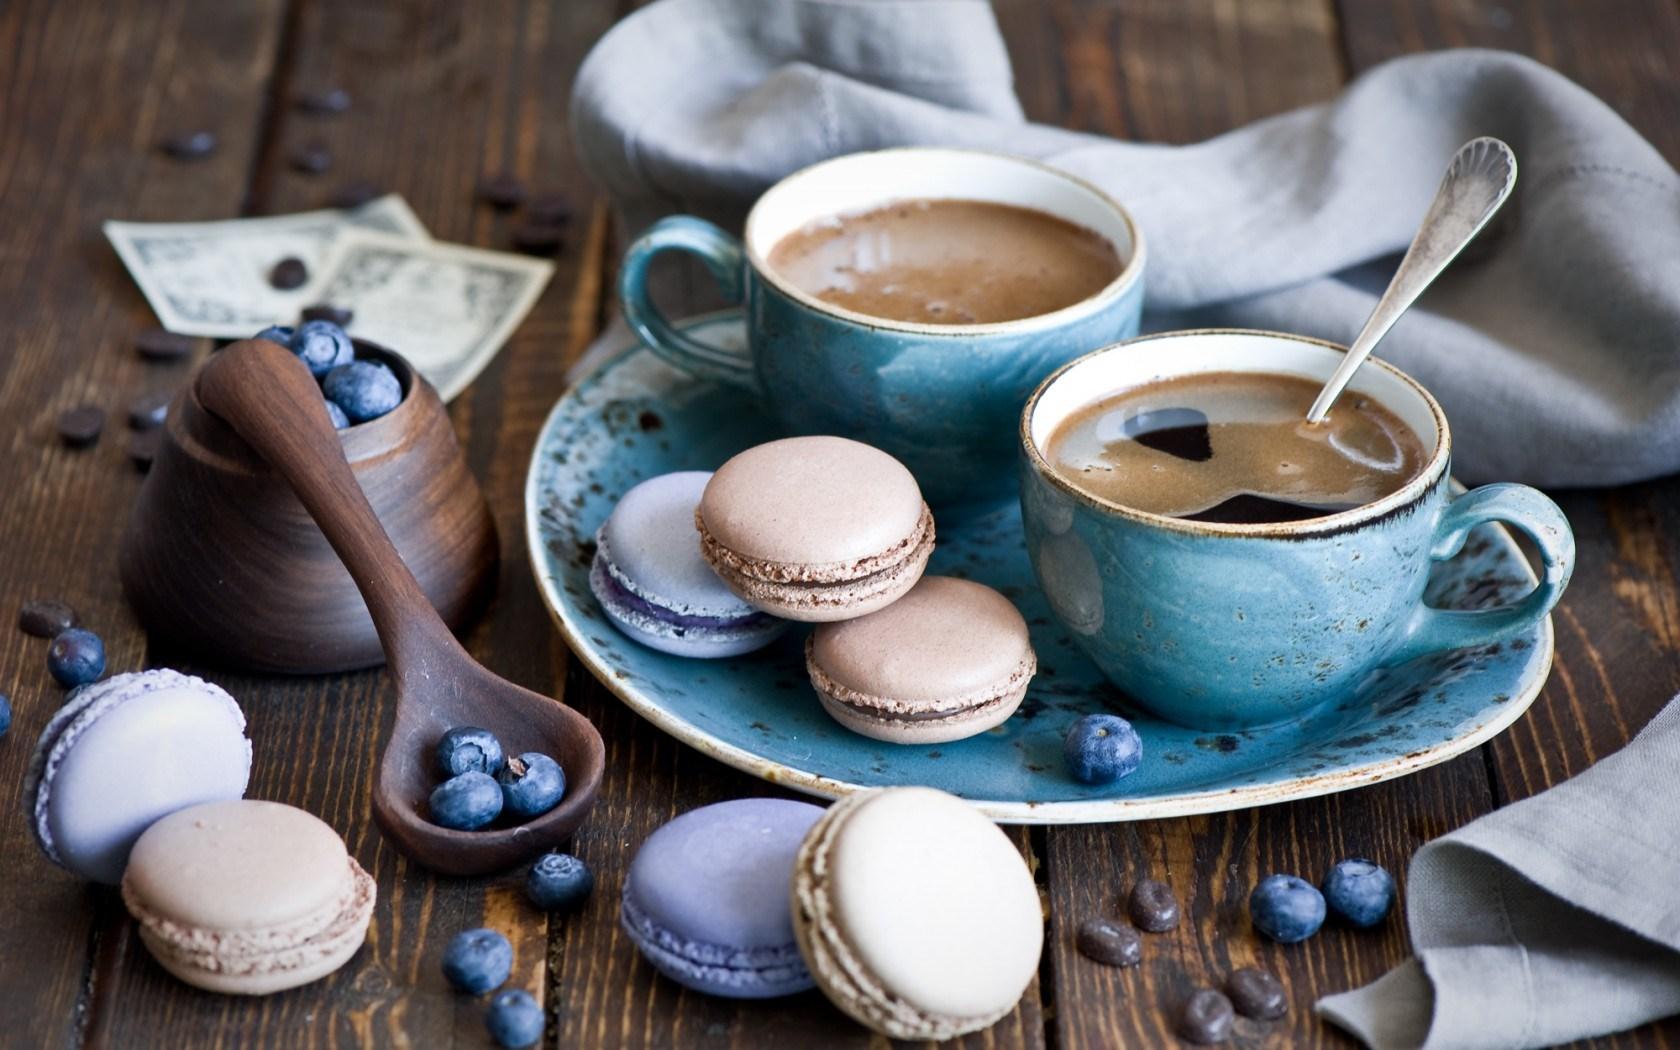 Cookies Macaroon Coffee Dessert Blueberries